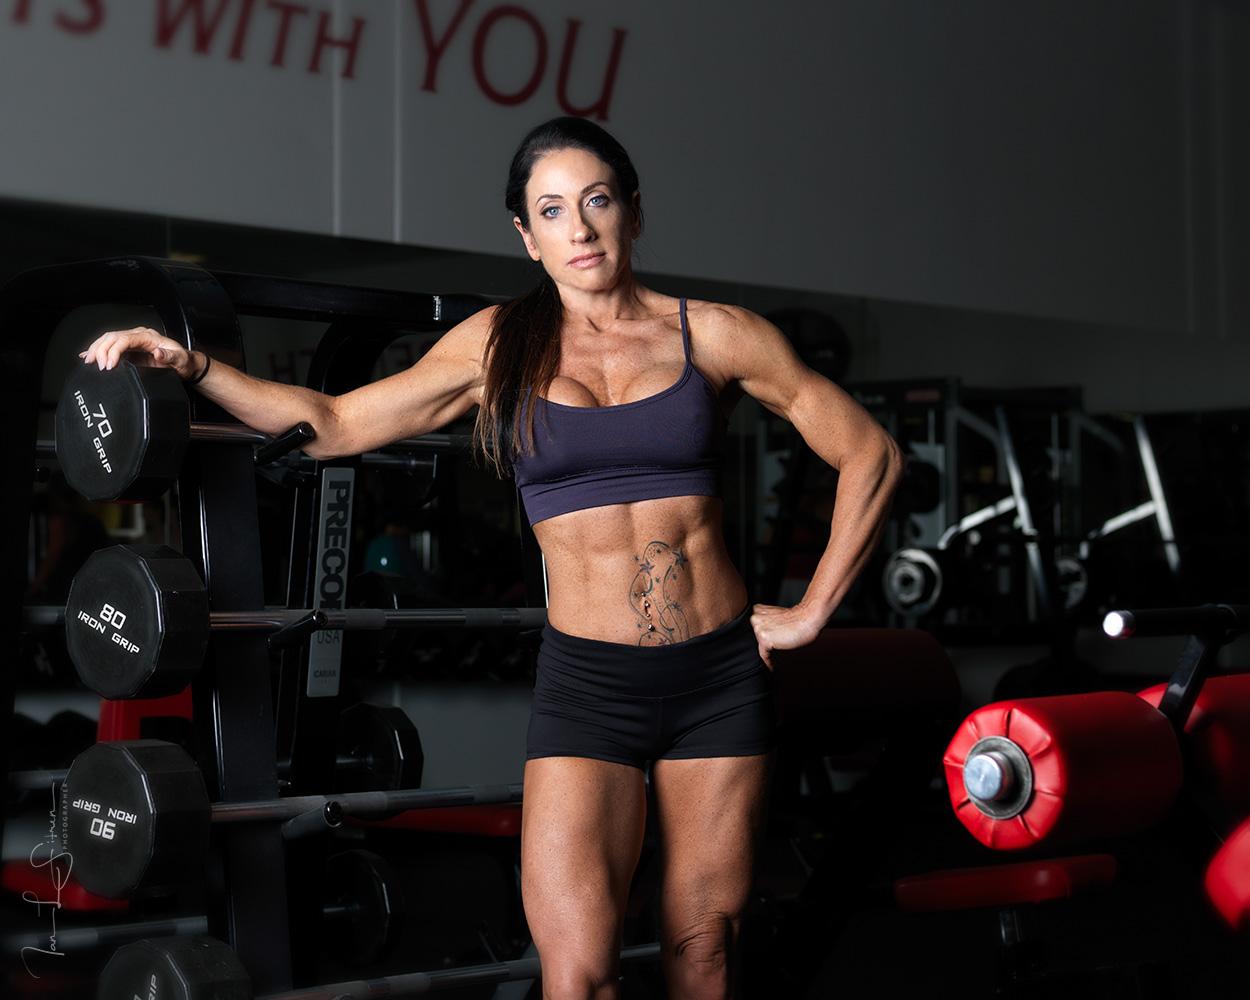 Jessica Holohan